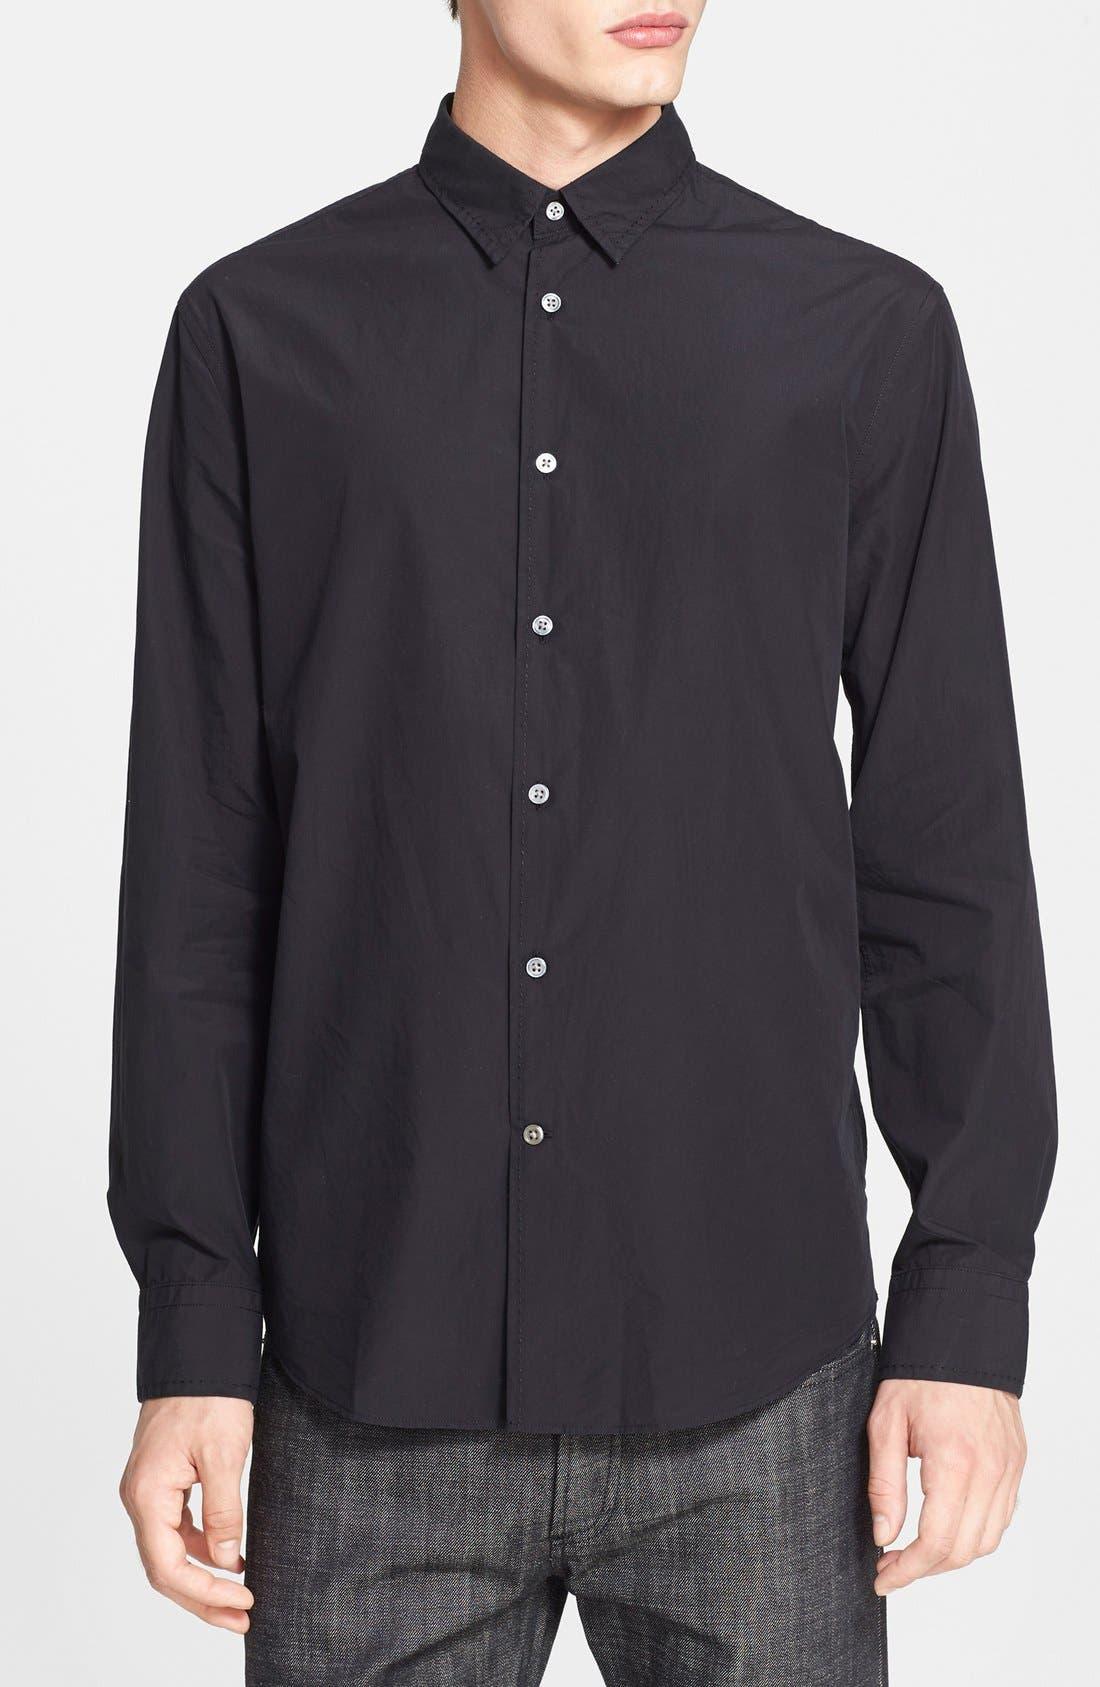 Main Image - John Varvatos Collection Extra Trim Fit Sport Shirt